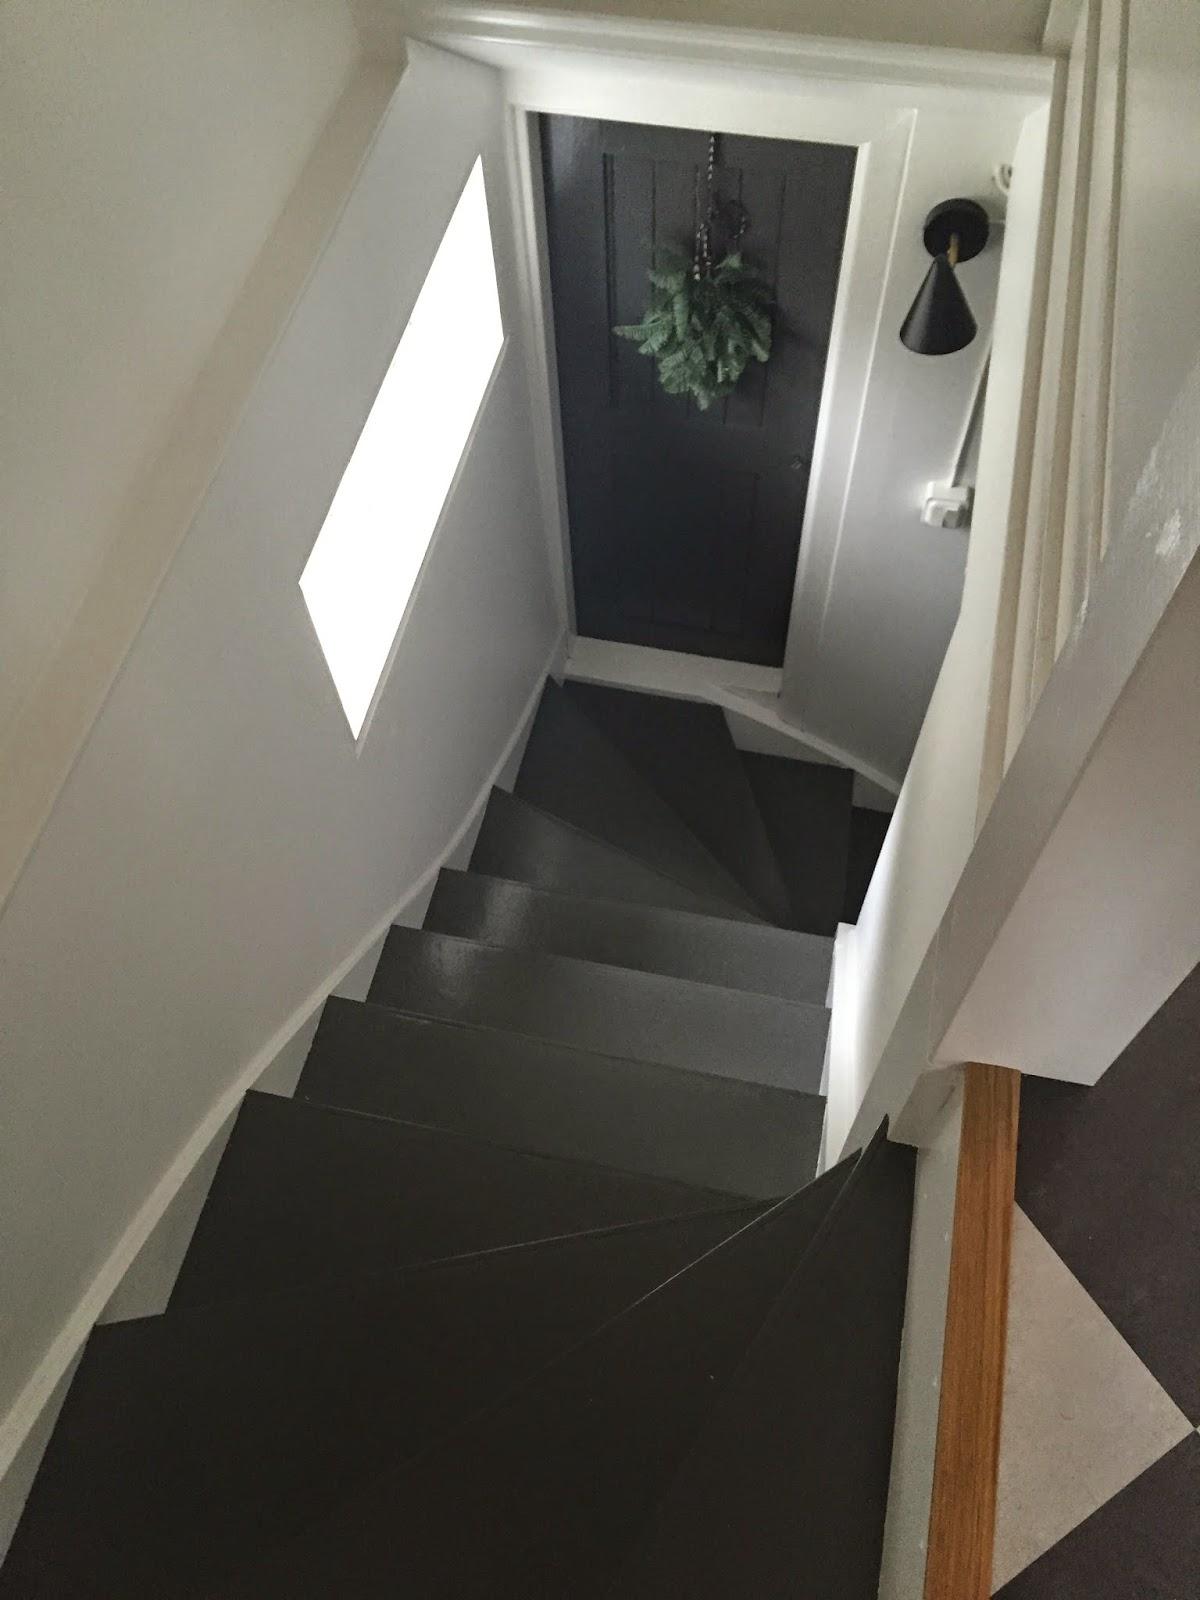 Pernillas rum: trappor, trappor och åter...